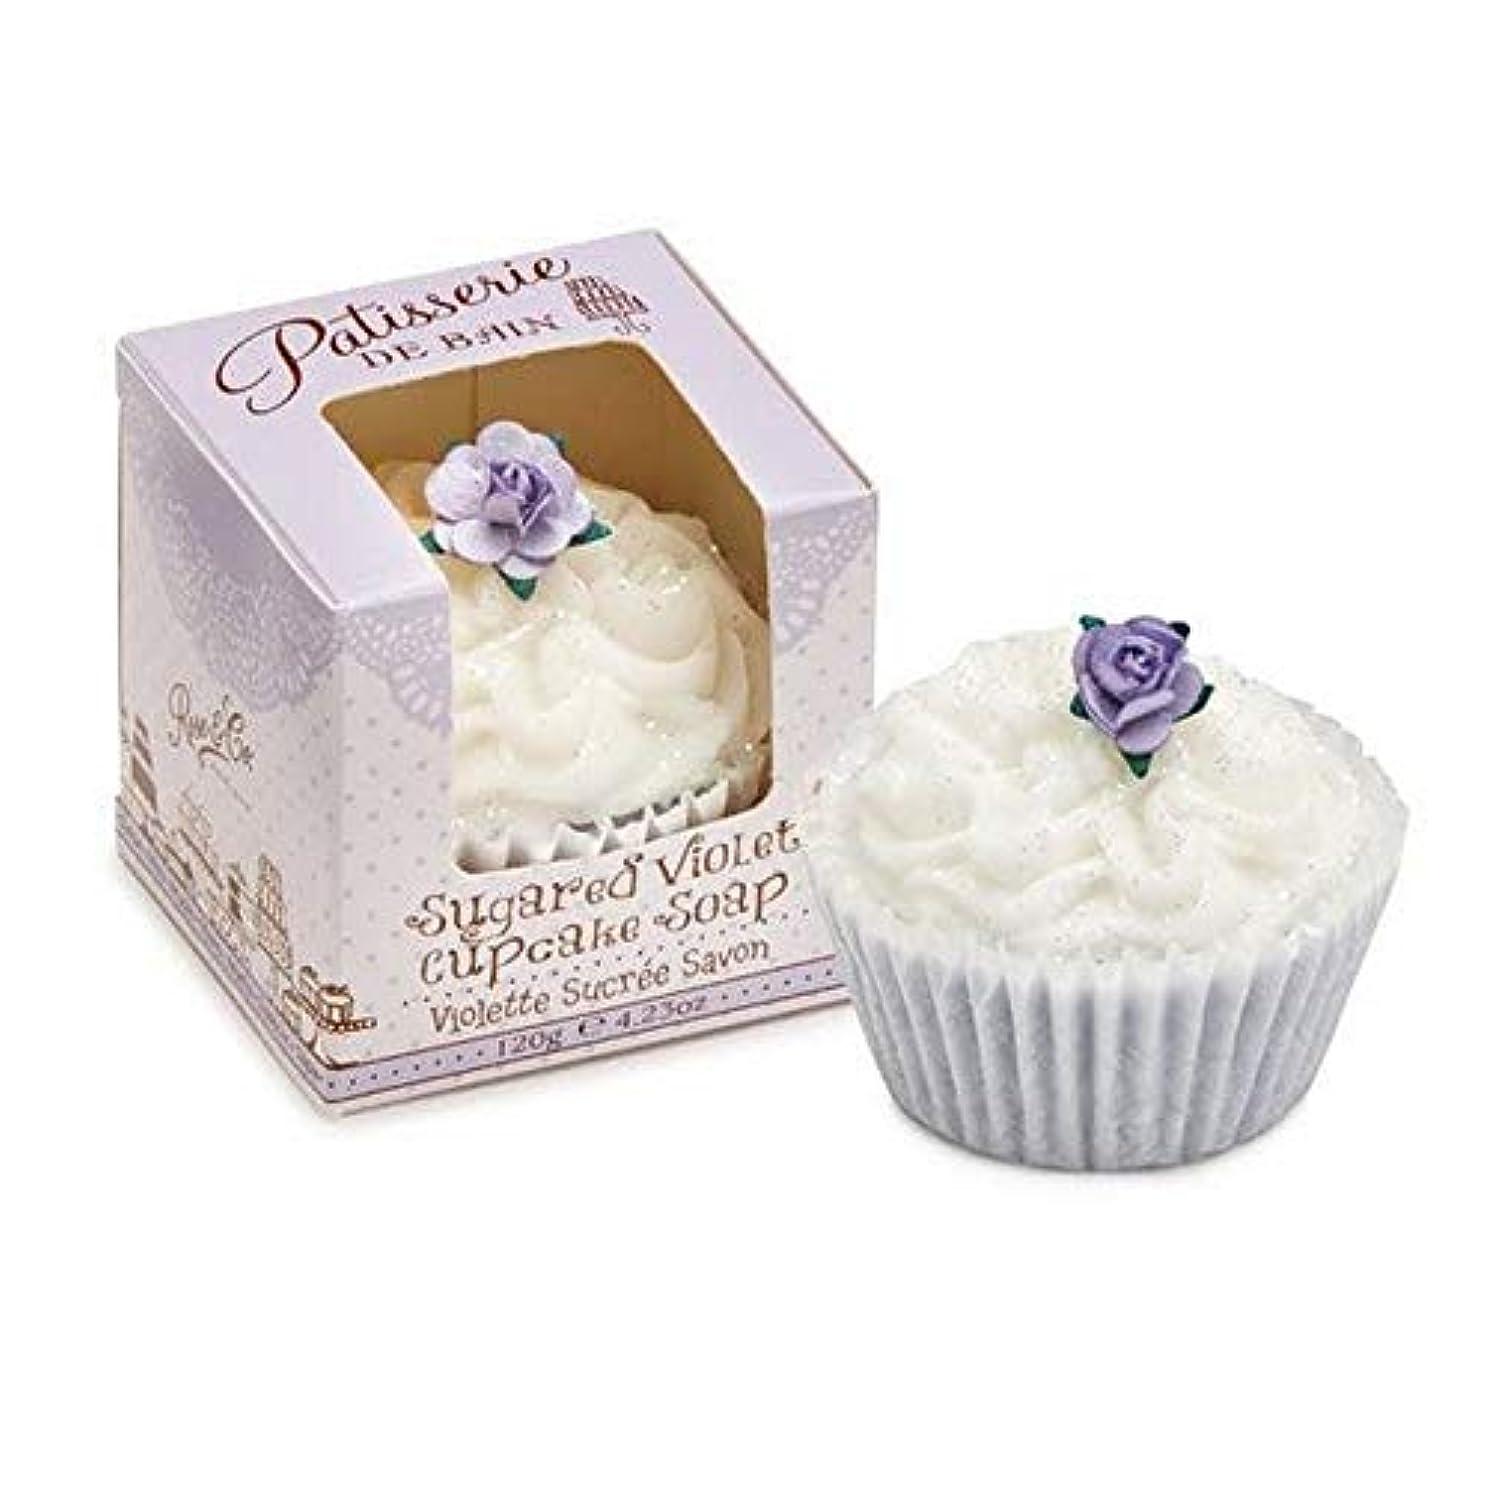 ボリュームエージェント義務づける[Patisserie de Bain ] 砂糖パティスリー?ド?ベイン紫色のカップケーキソープ120グラム - Patisserie de Bain Sugared Violet Cupcake Soap 120g [...